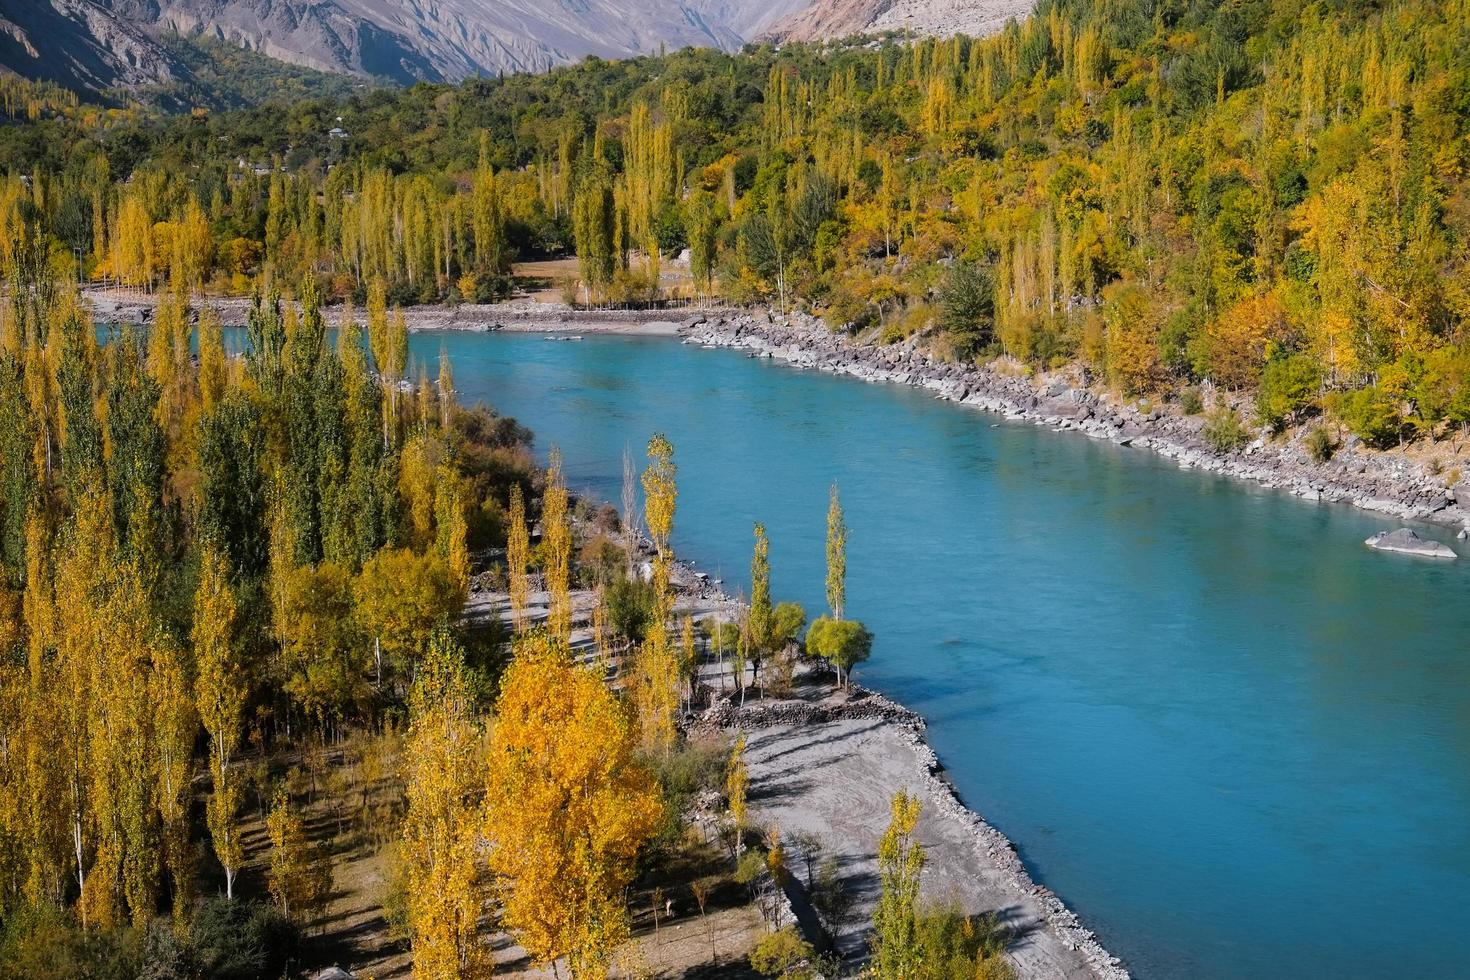 Ghizer River fließt im Herbst durch den Wald foto